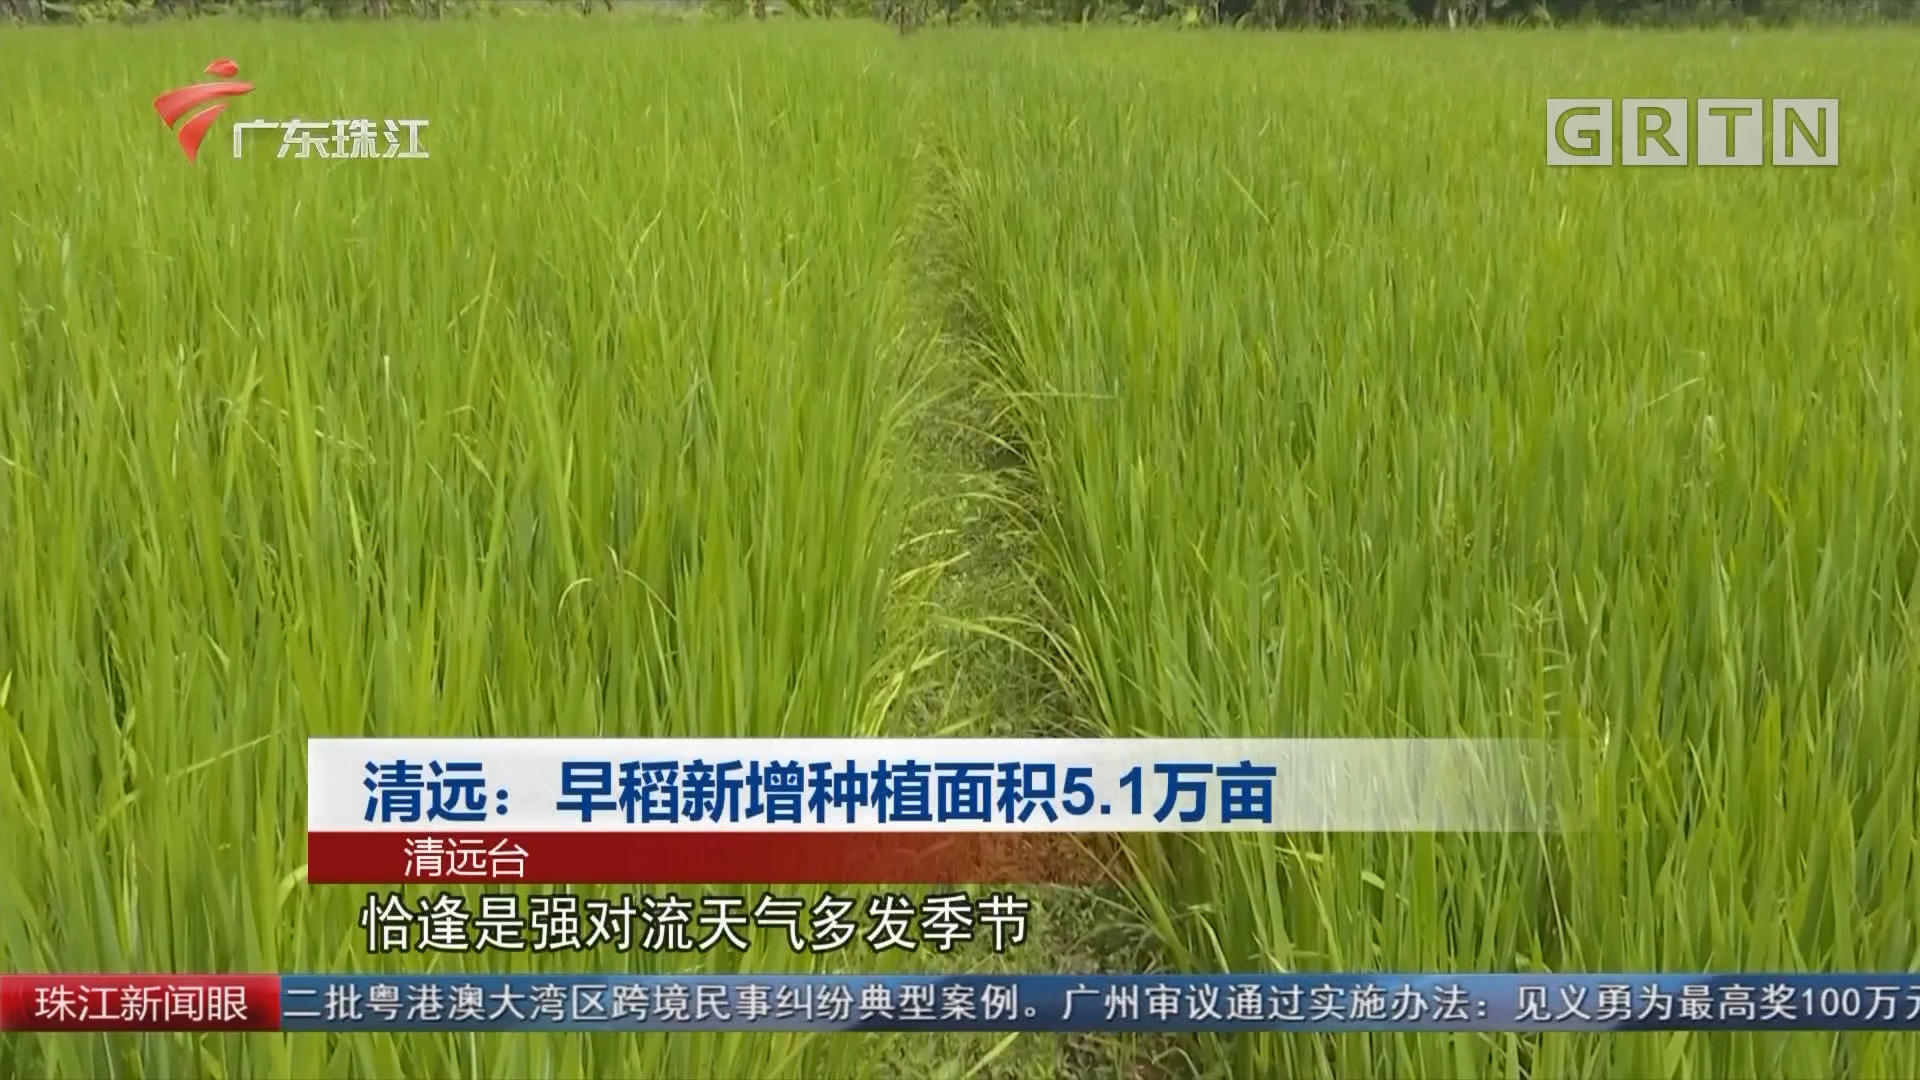 清远:早稻新增种植面积5.1万亩